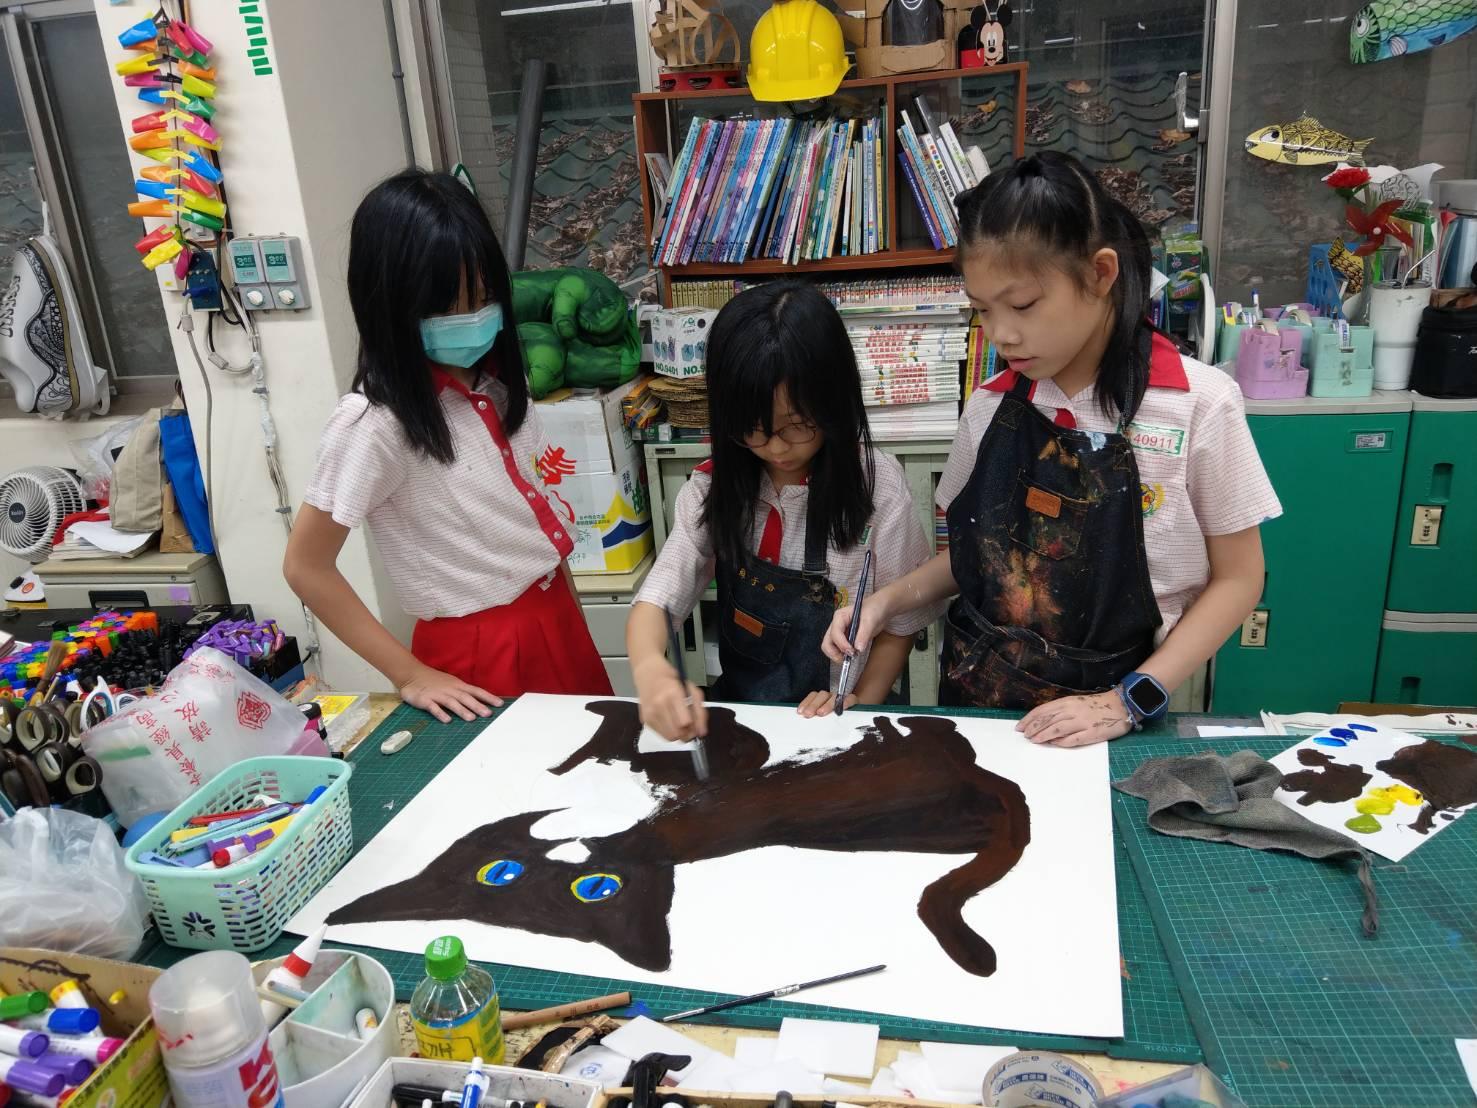 兒童節也是「世界流浪動物節」!  新北毛寶貝生命園區教孩童「動物保護觀念」